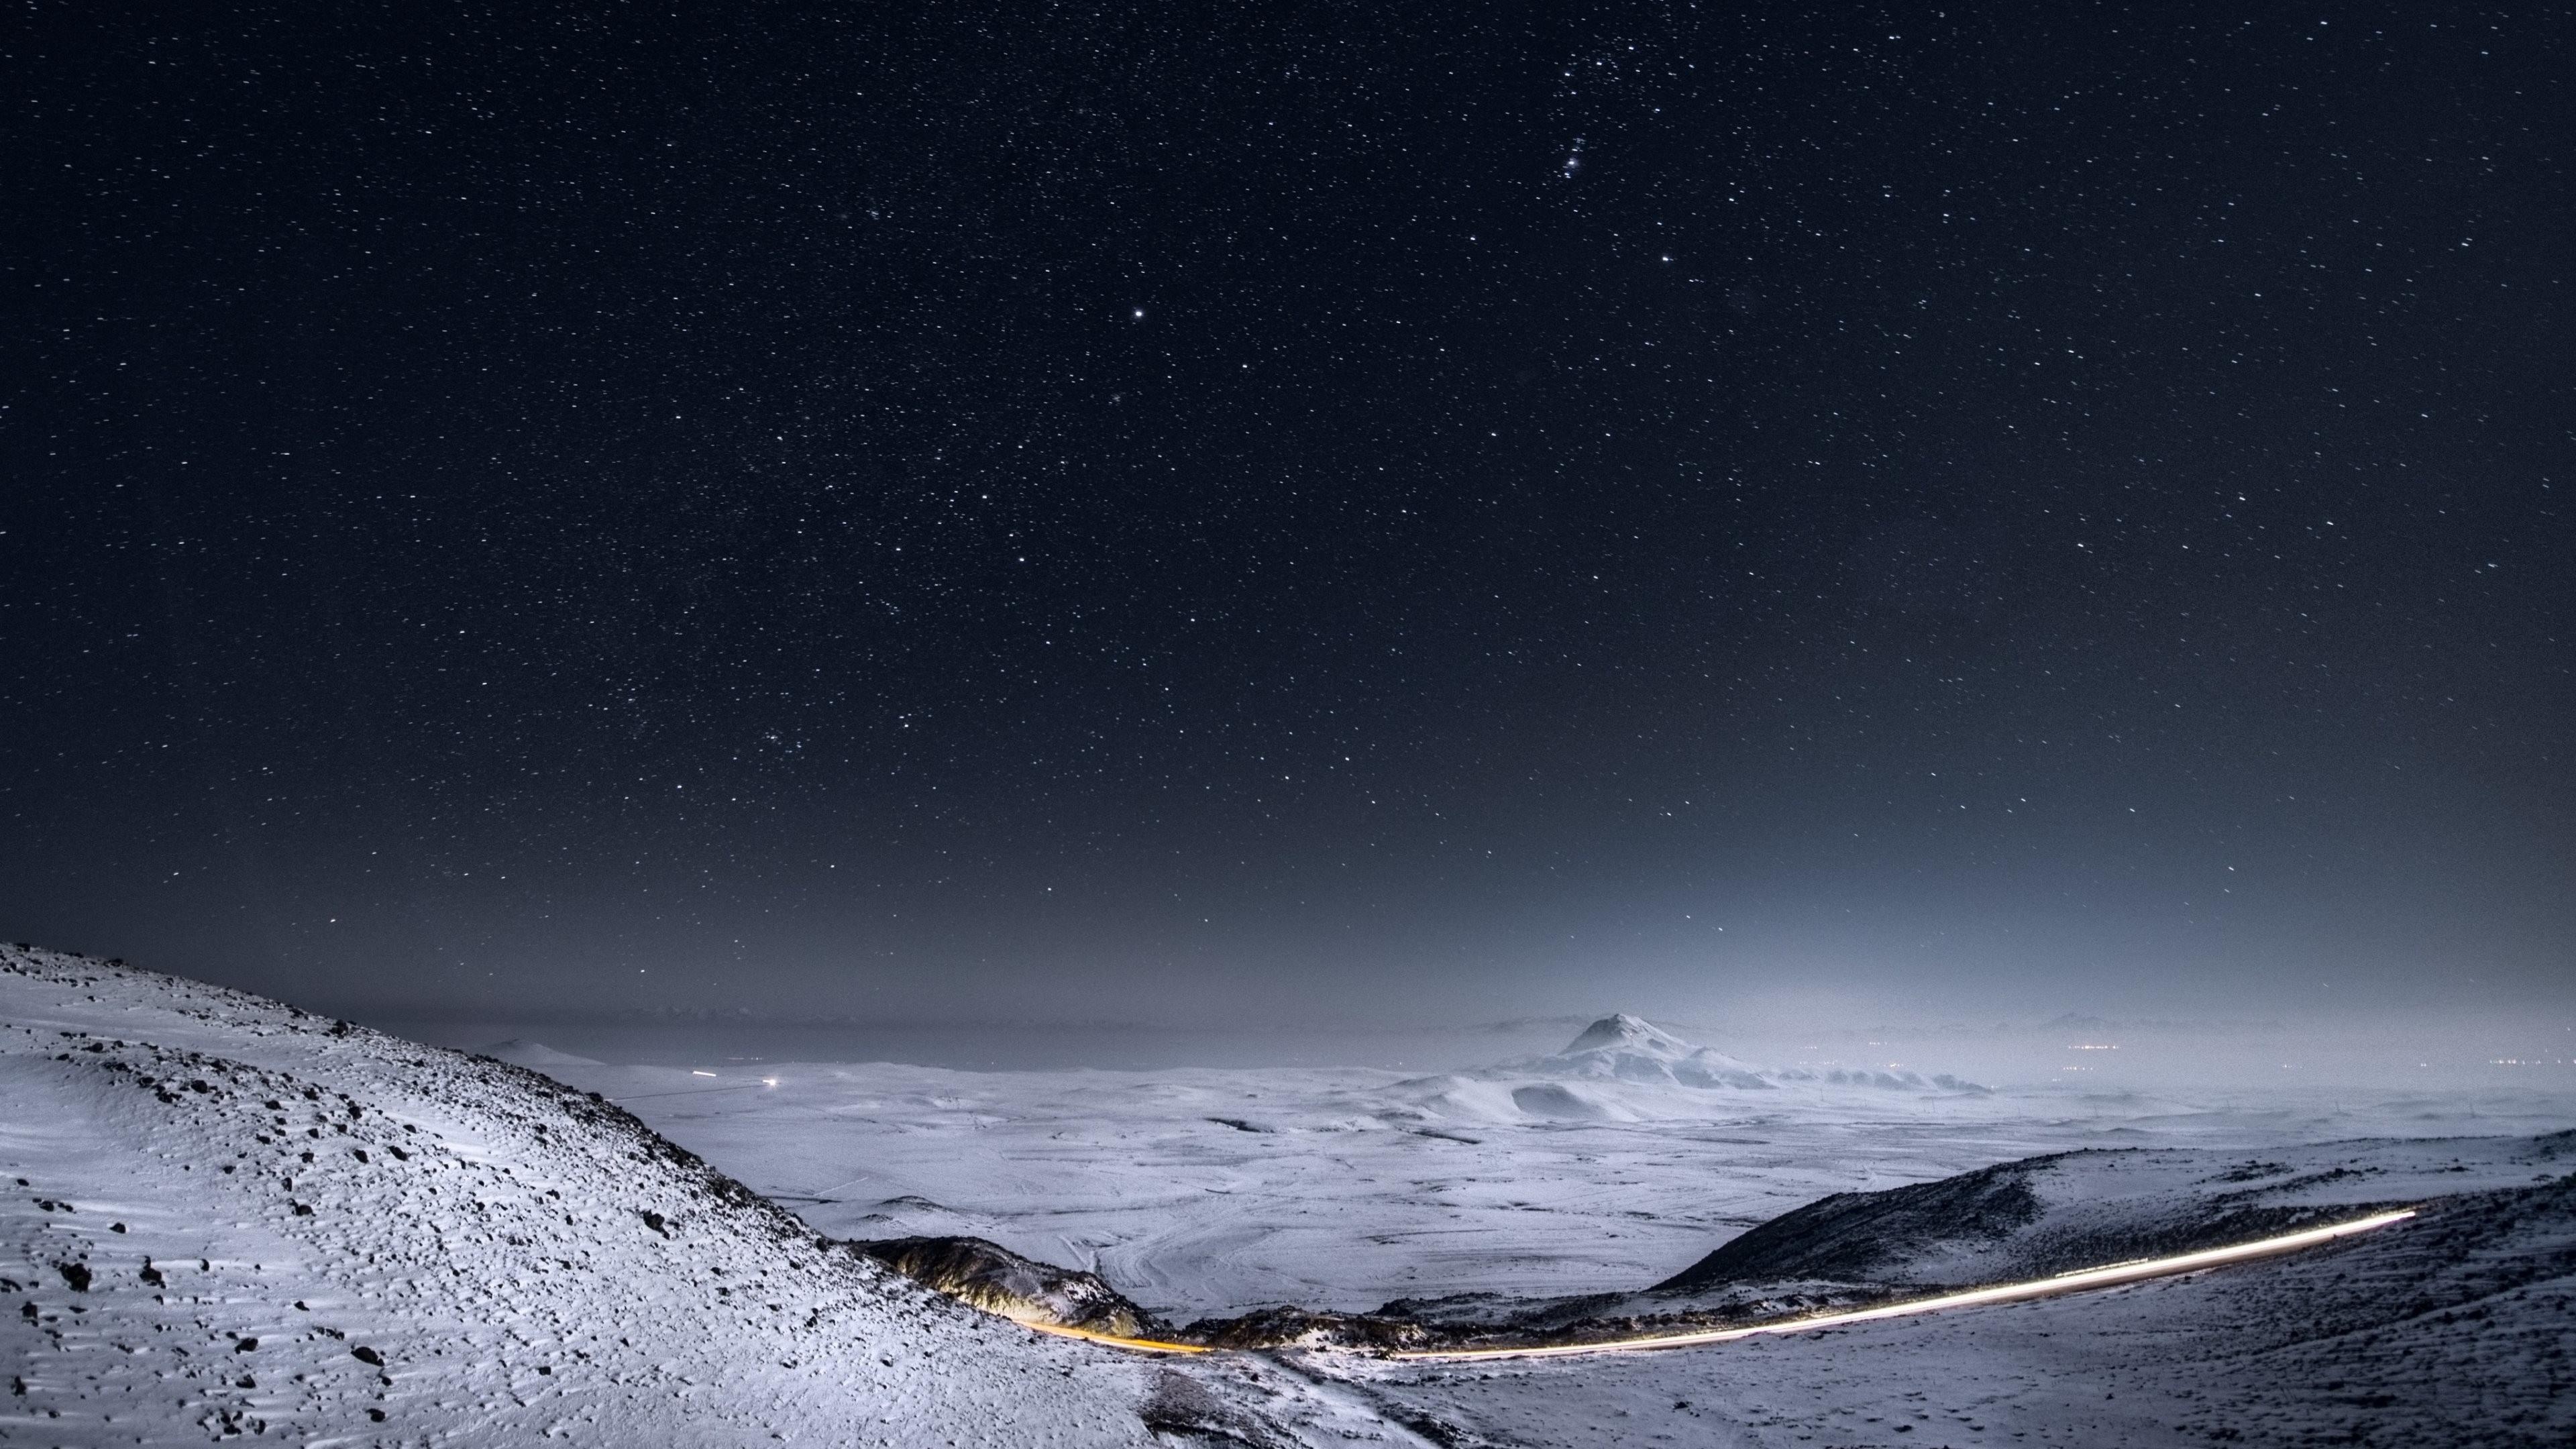 Wallpaper: Clear Night Sky Full of Stars. Ultra HD 4K 3840×2160